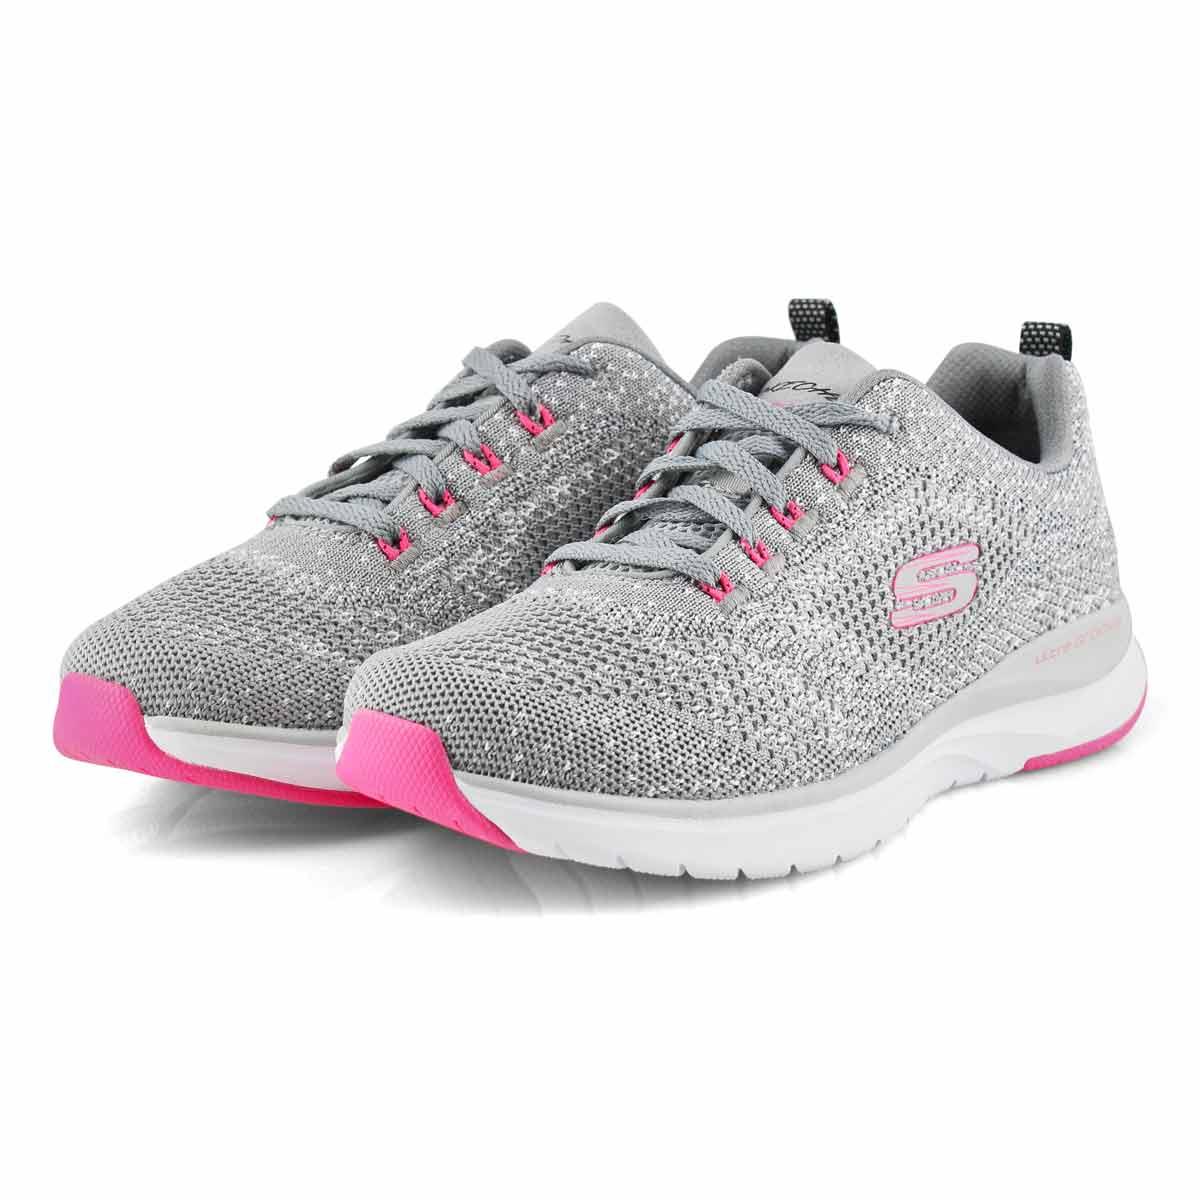 Women's Ultra Groove Sneaker - Grey/Pink